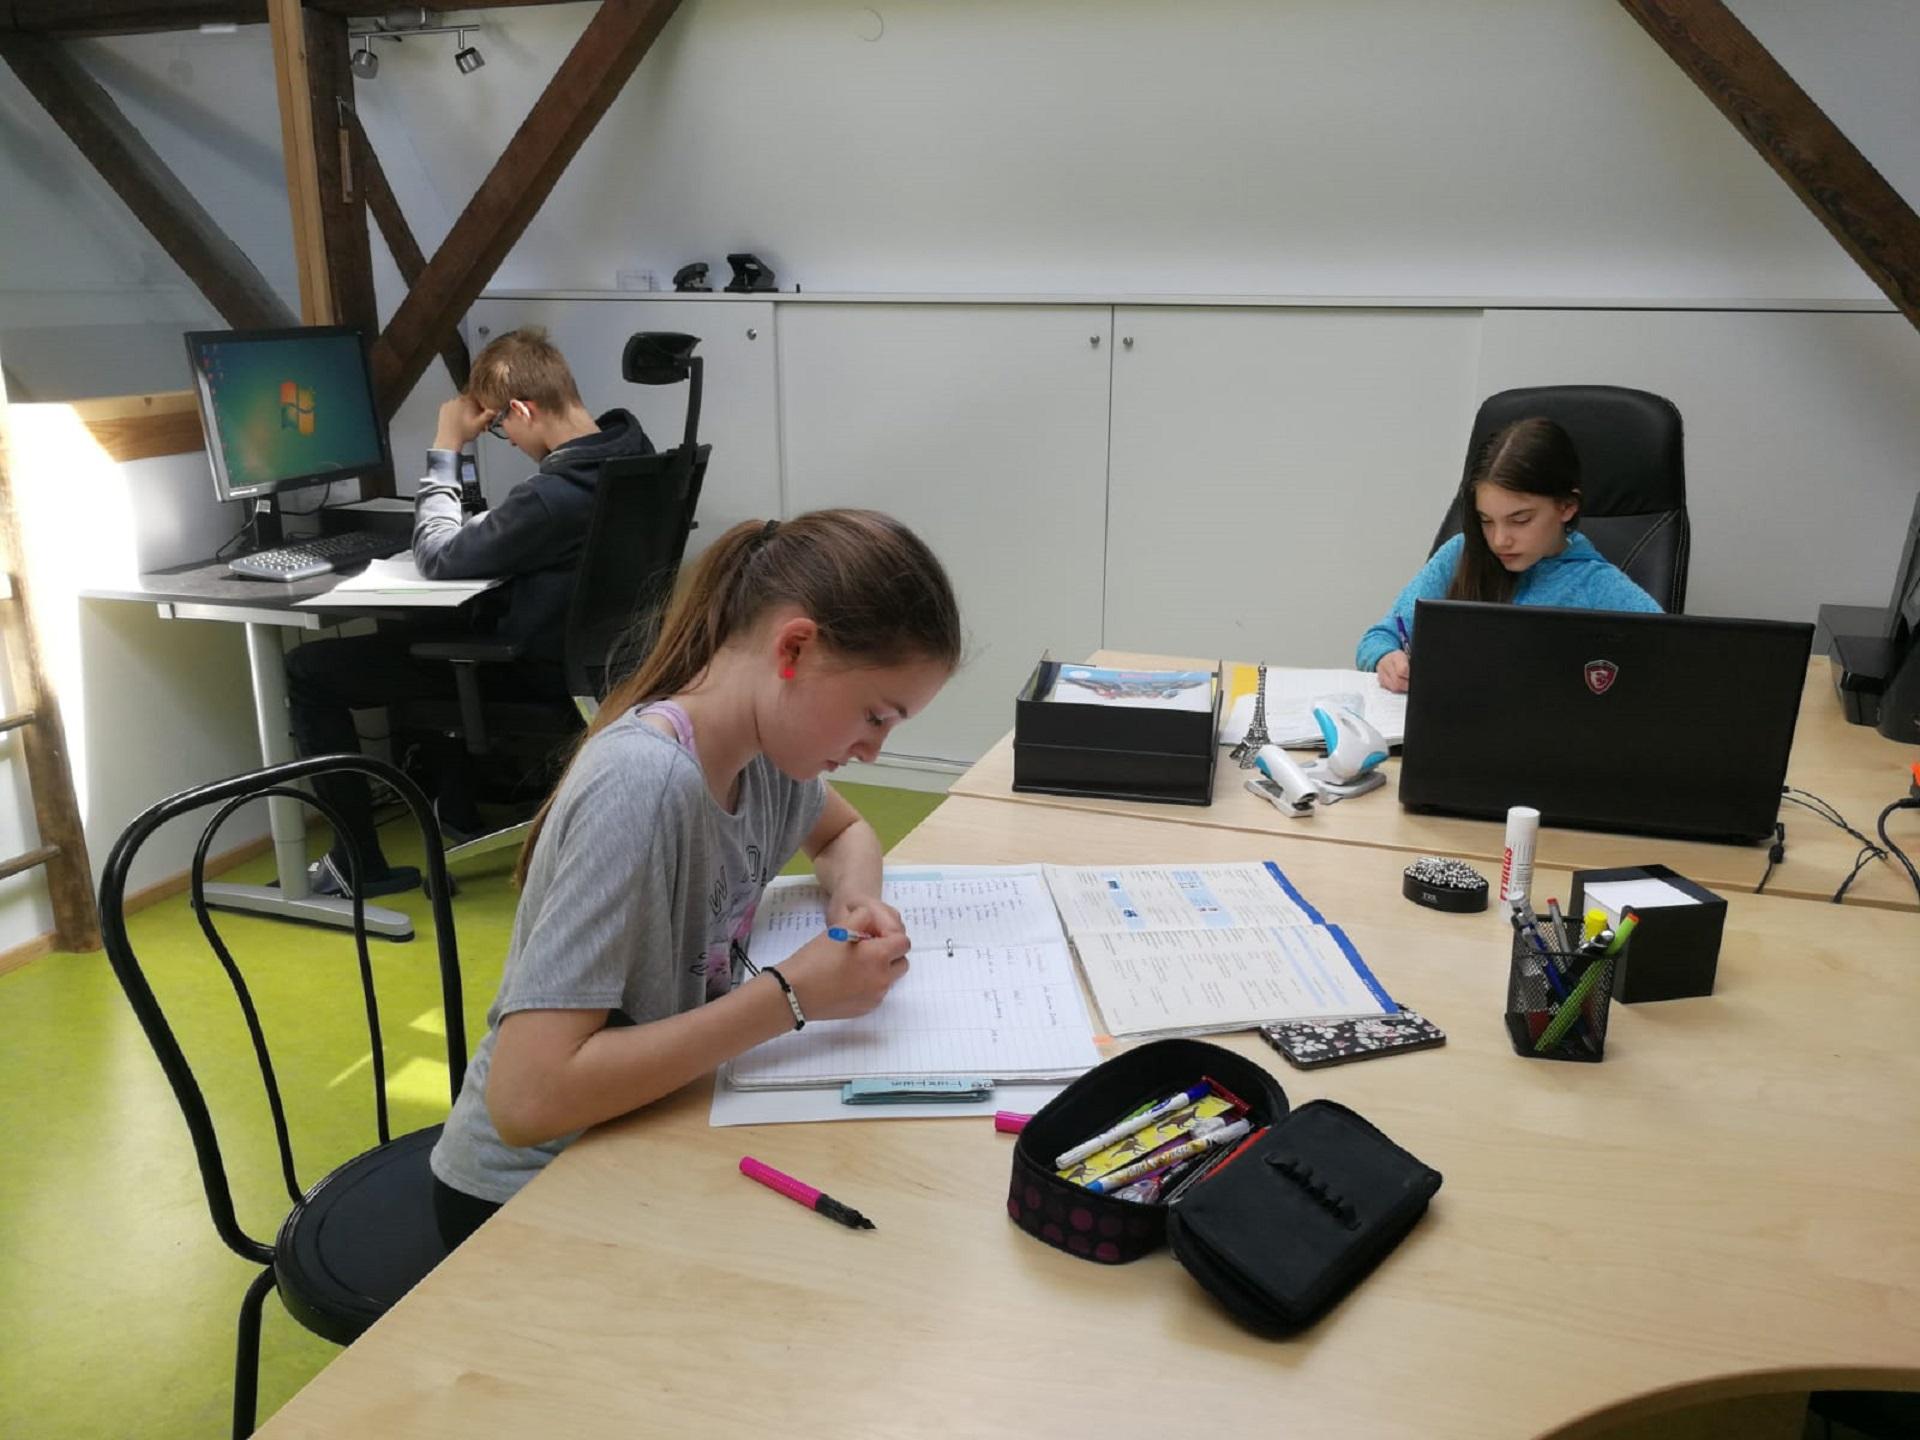 Koronavirusas verčia mokyti ir mokytis kitaip (Foto: M. D. Schmidt)